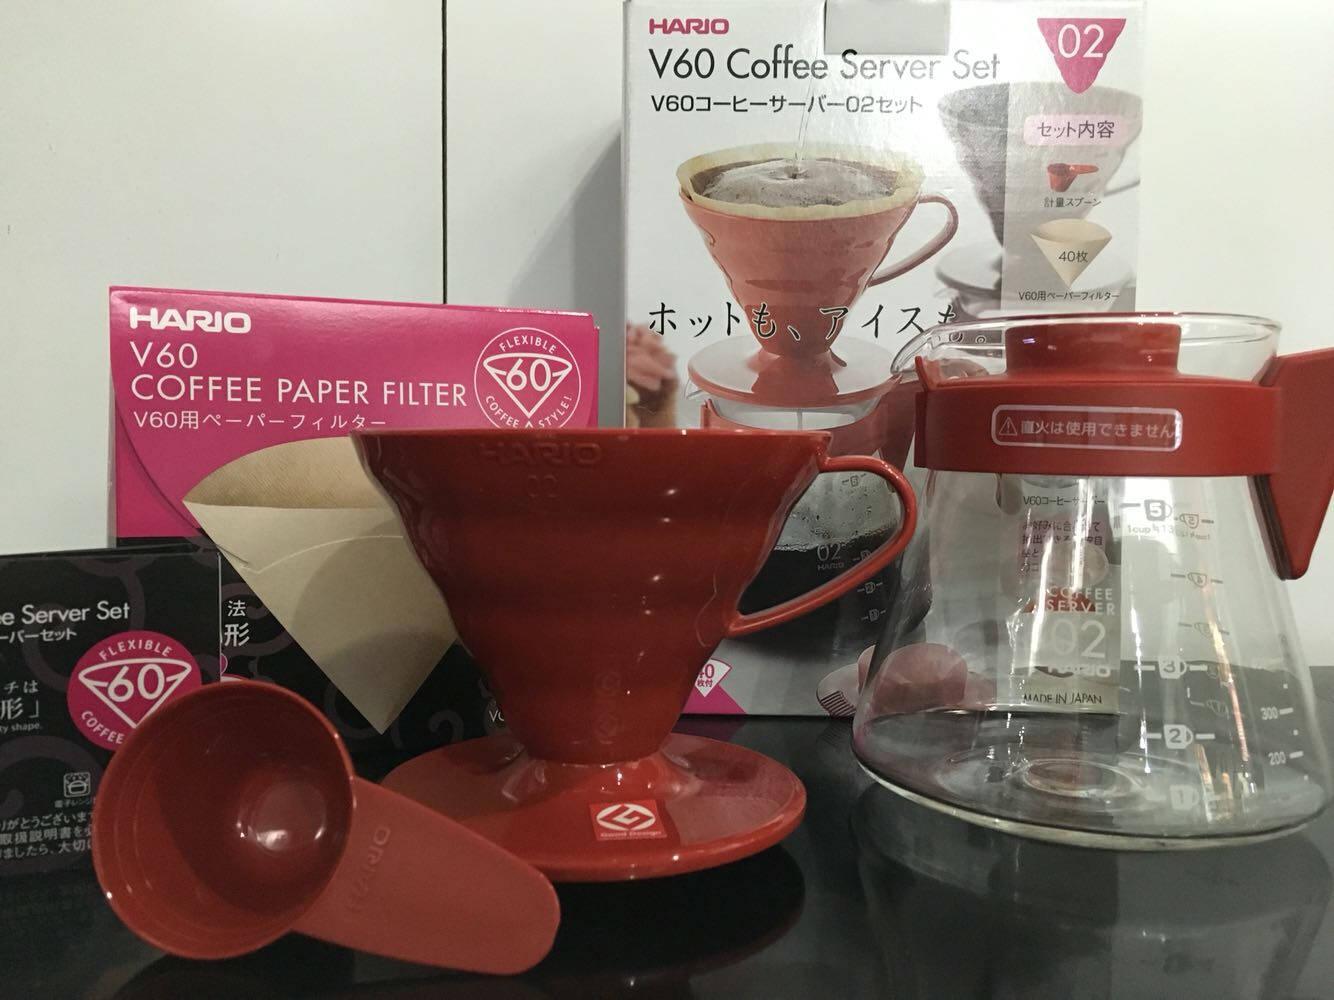 HARIO日本进口咖啡套装耐热玻璃V60滴滤式咖啡滤杯新手咖啡壶套装定制款